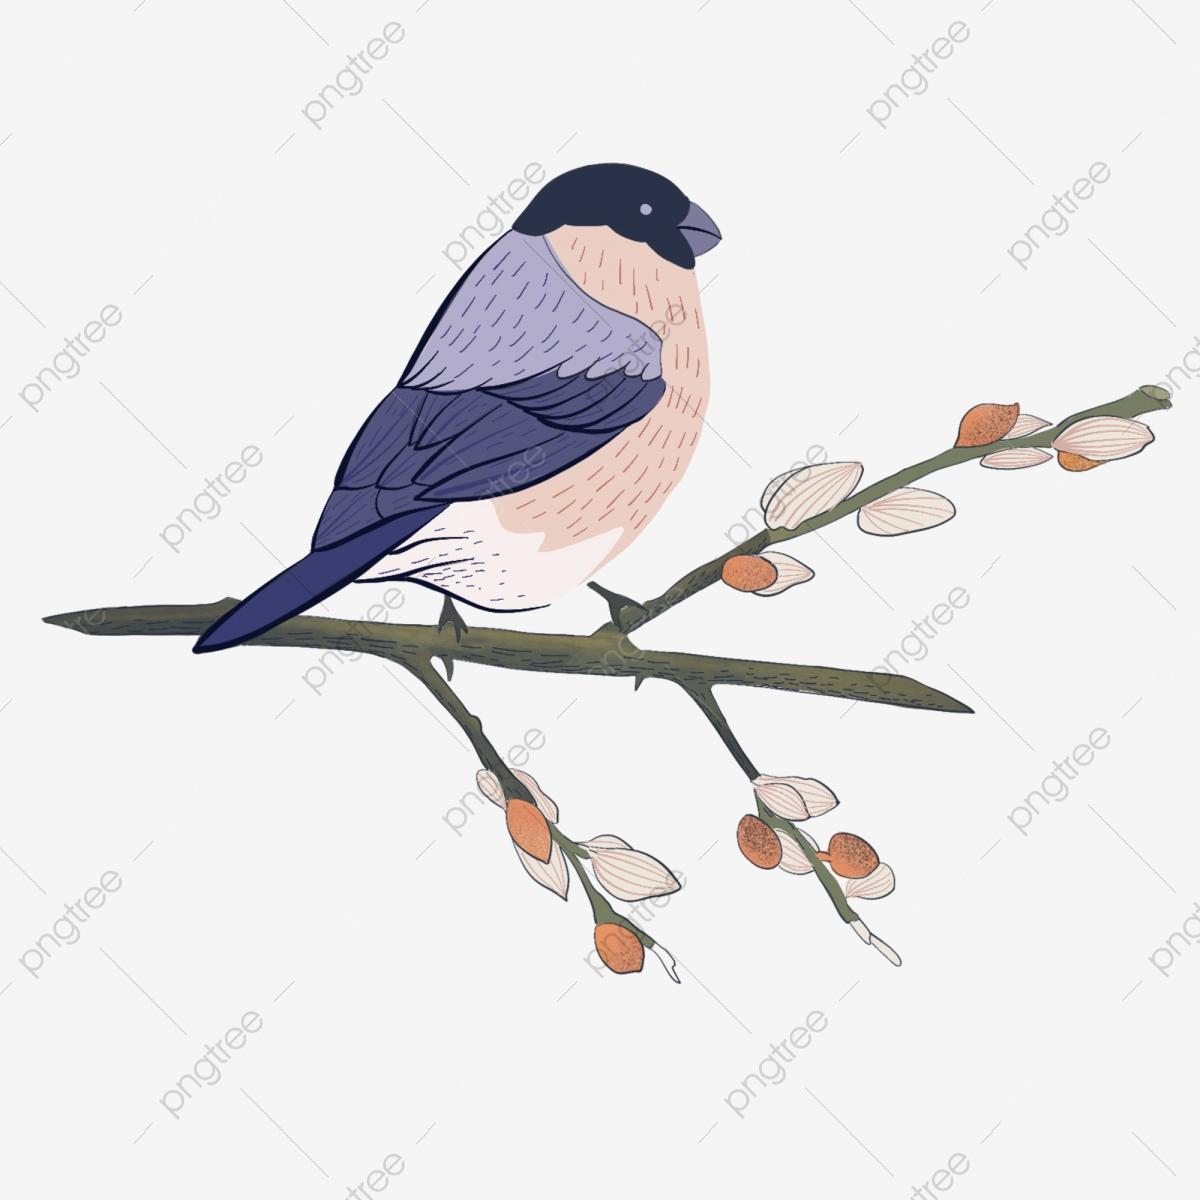 Dessin Animé Petit Oiseau Bleu Illustration Gratuite De pour Images D Oiseaux Gratuites